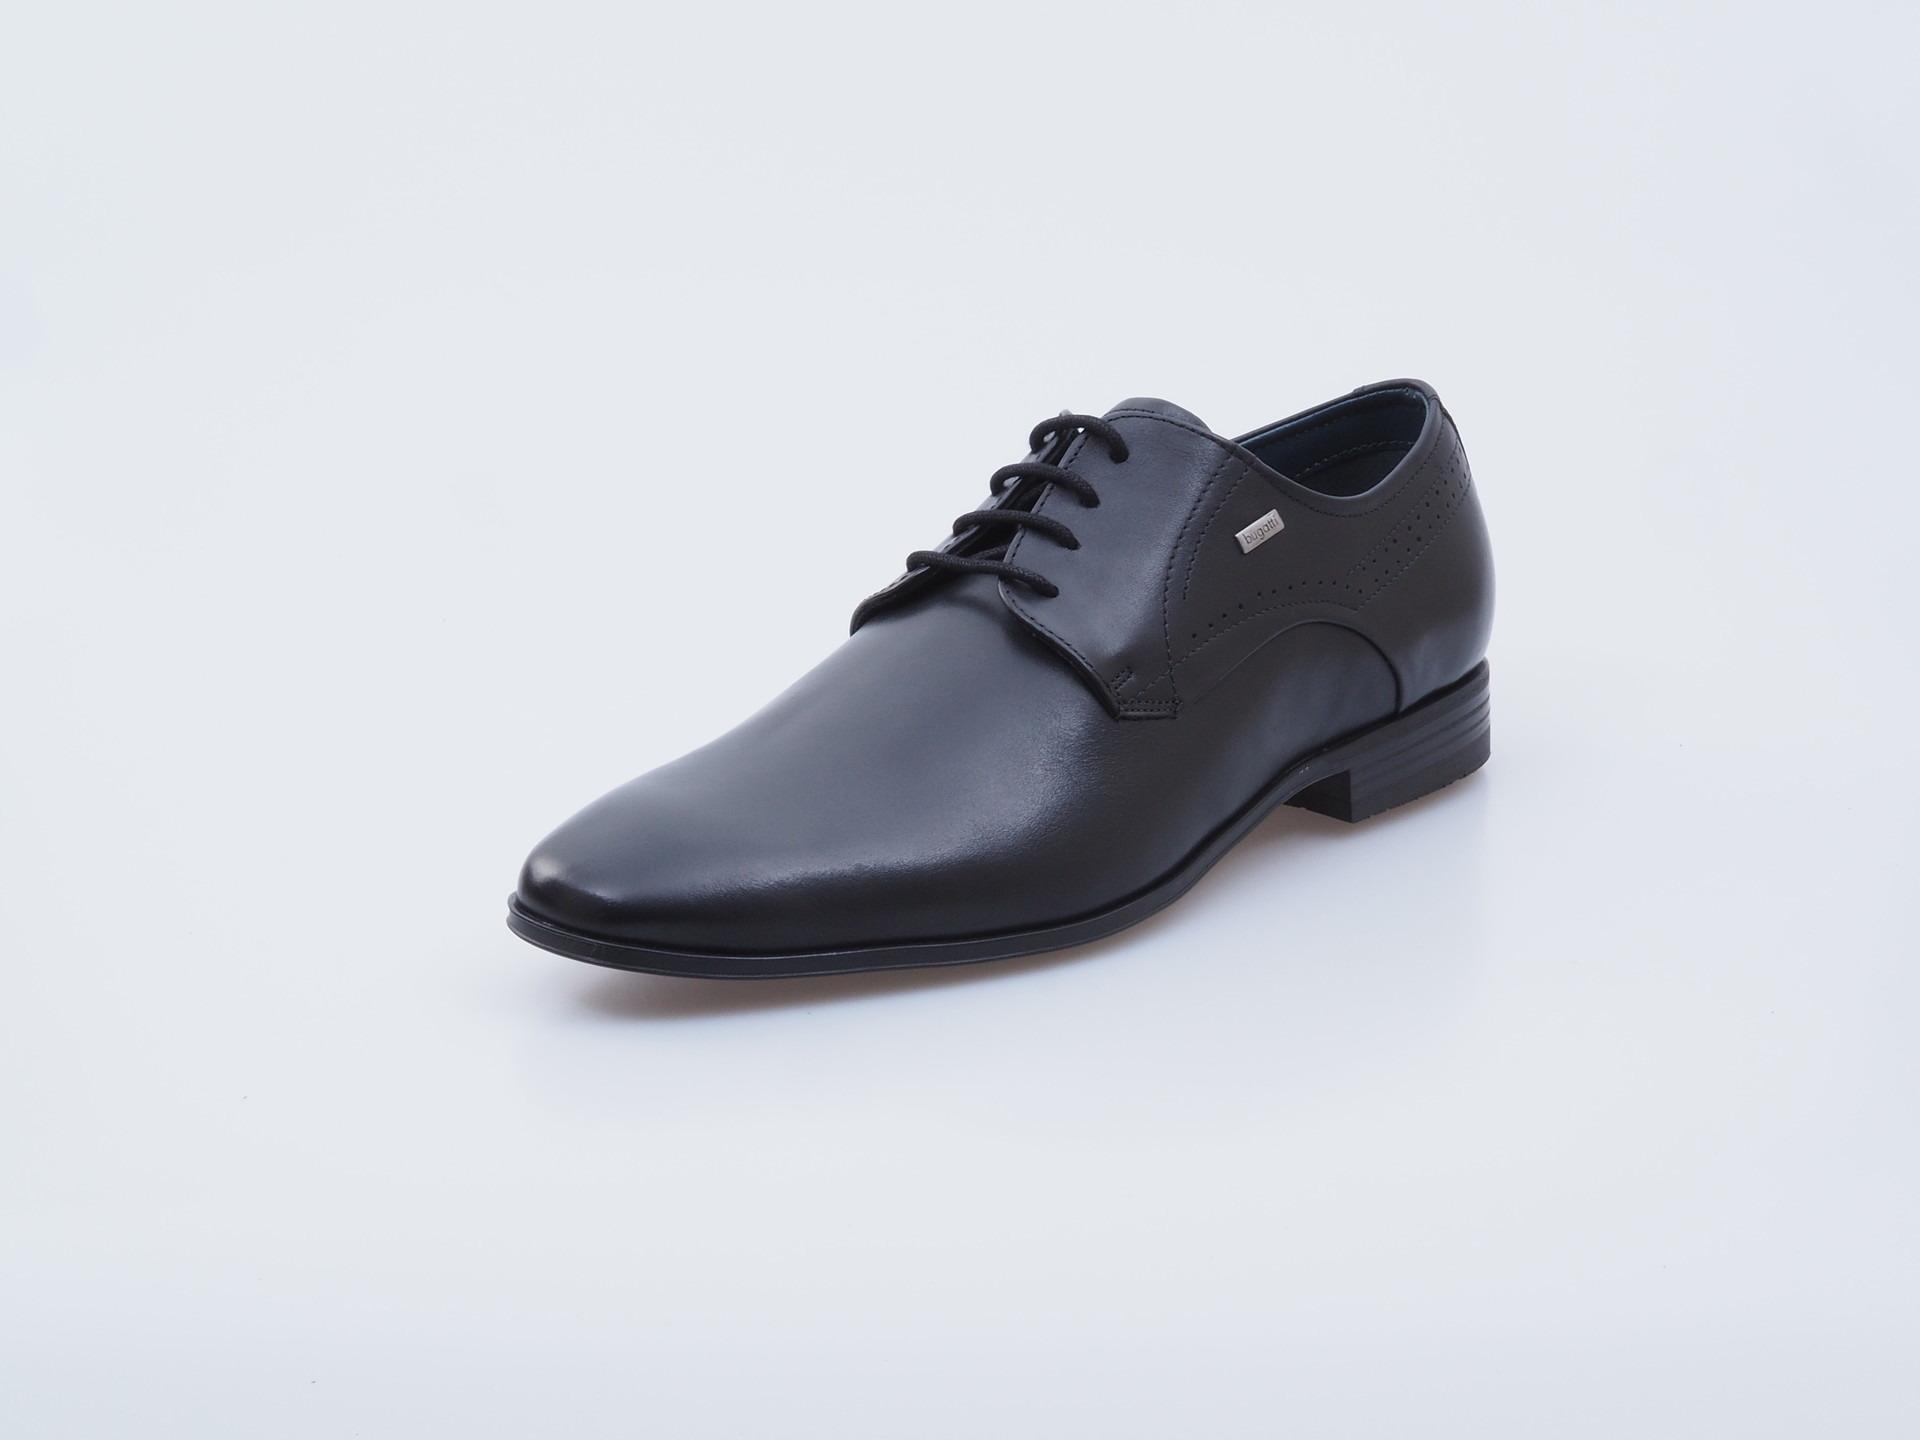 Soňa - Pánska obuv - Poltopánky - Čierne kožené topánky na ... 0ecca65d4c8